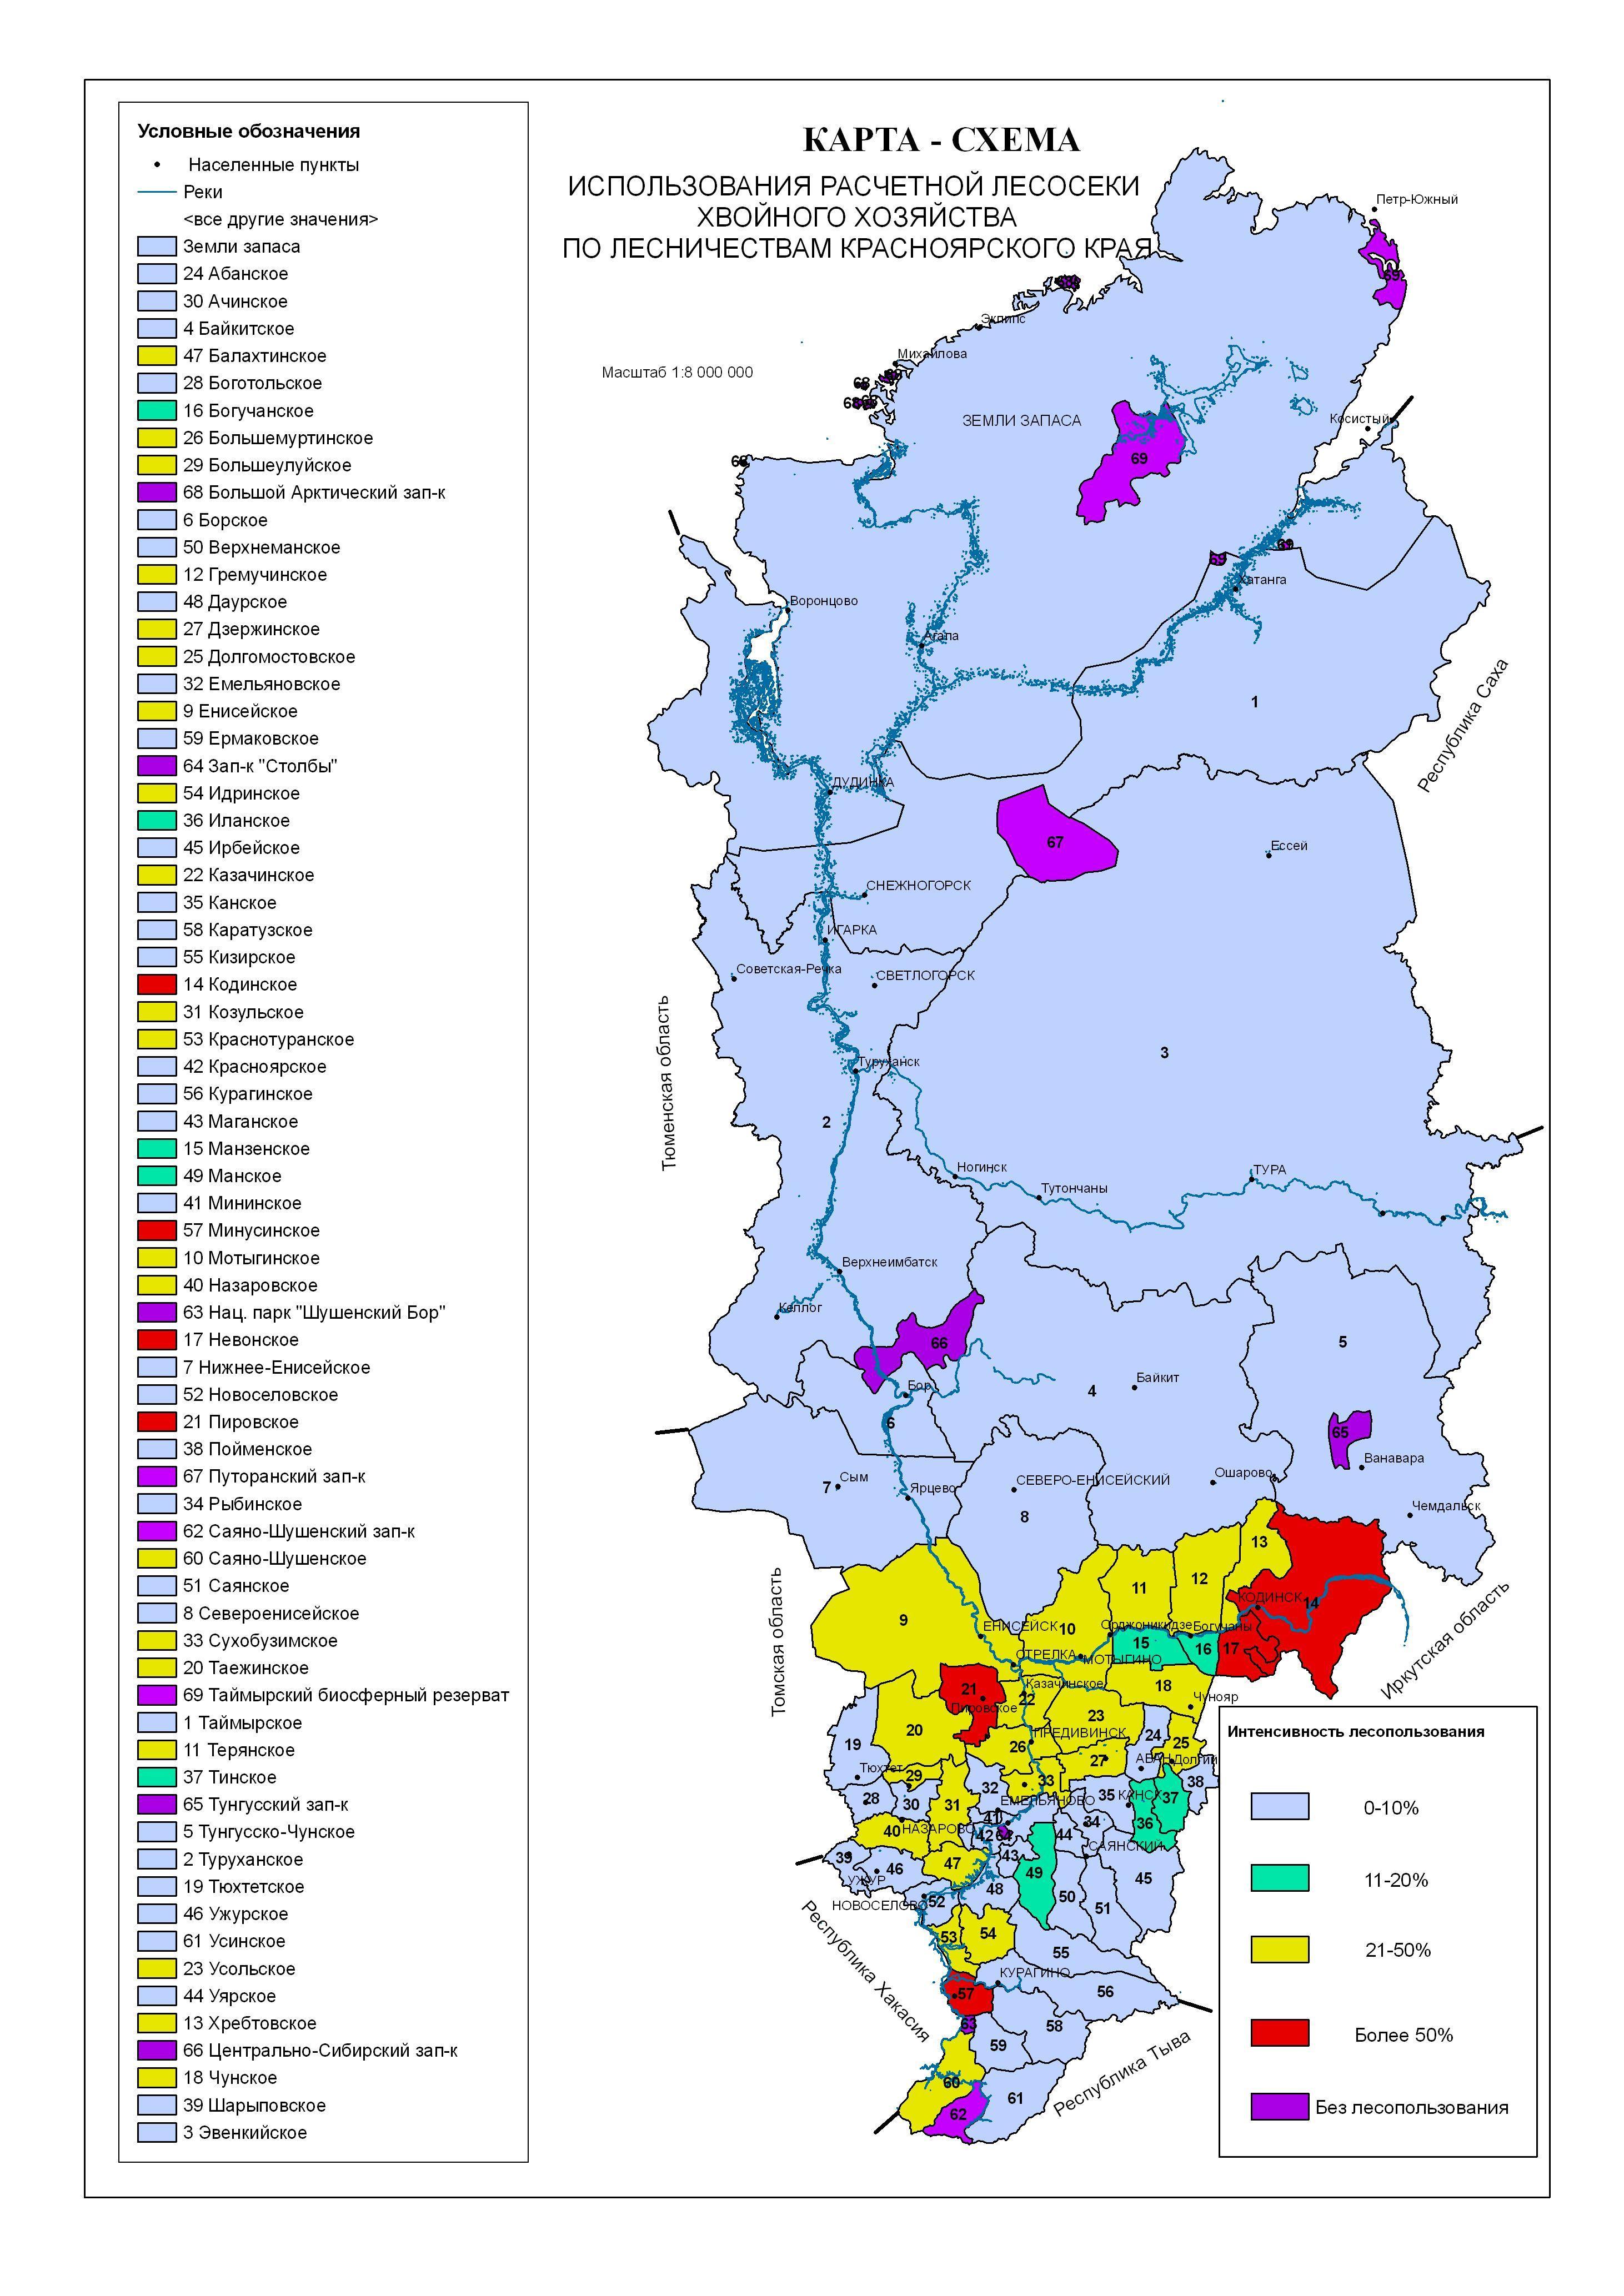 Заготовка пищевых лесных ресурсов характеристика